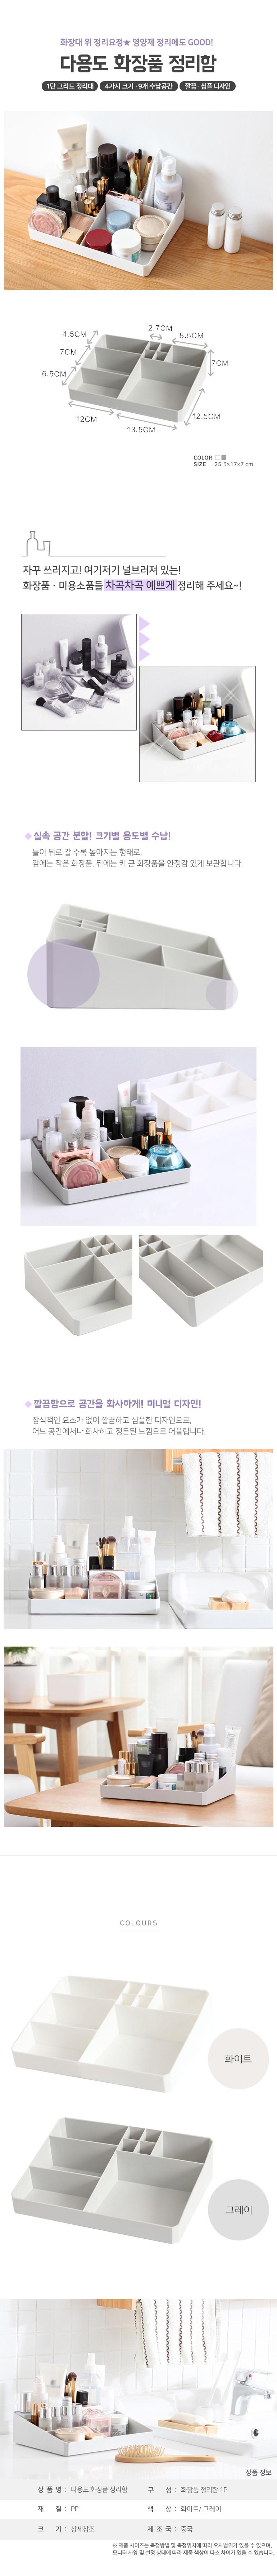 메이크업 화장품 정리대 - 리빙마켓, 4,800원, 정리함, 화장품정리함